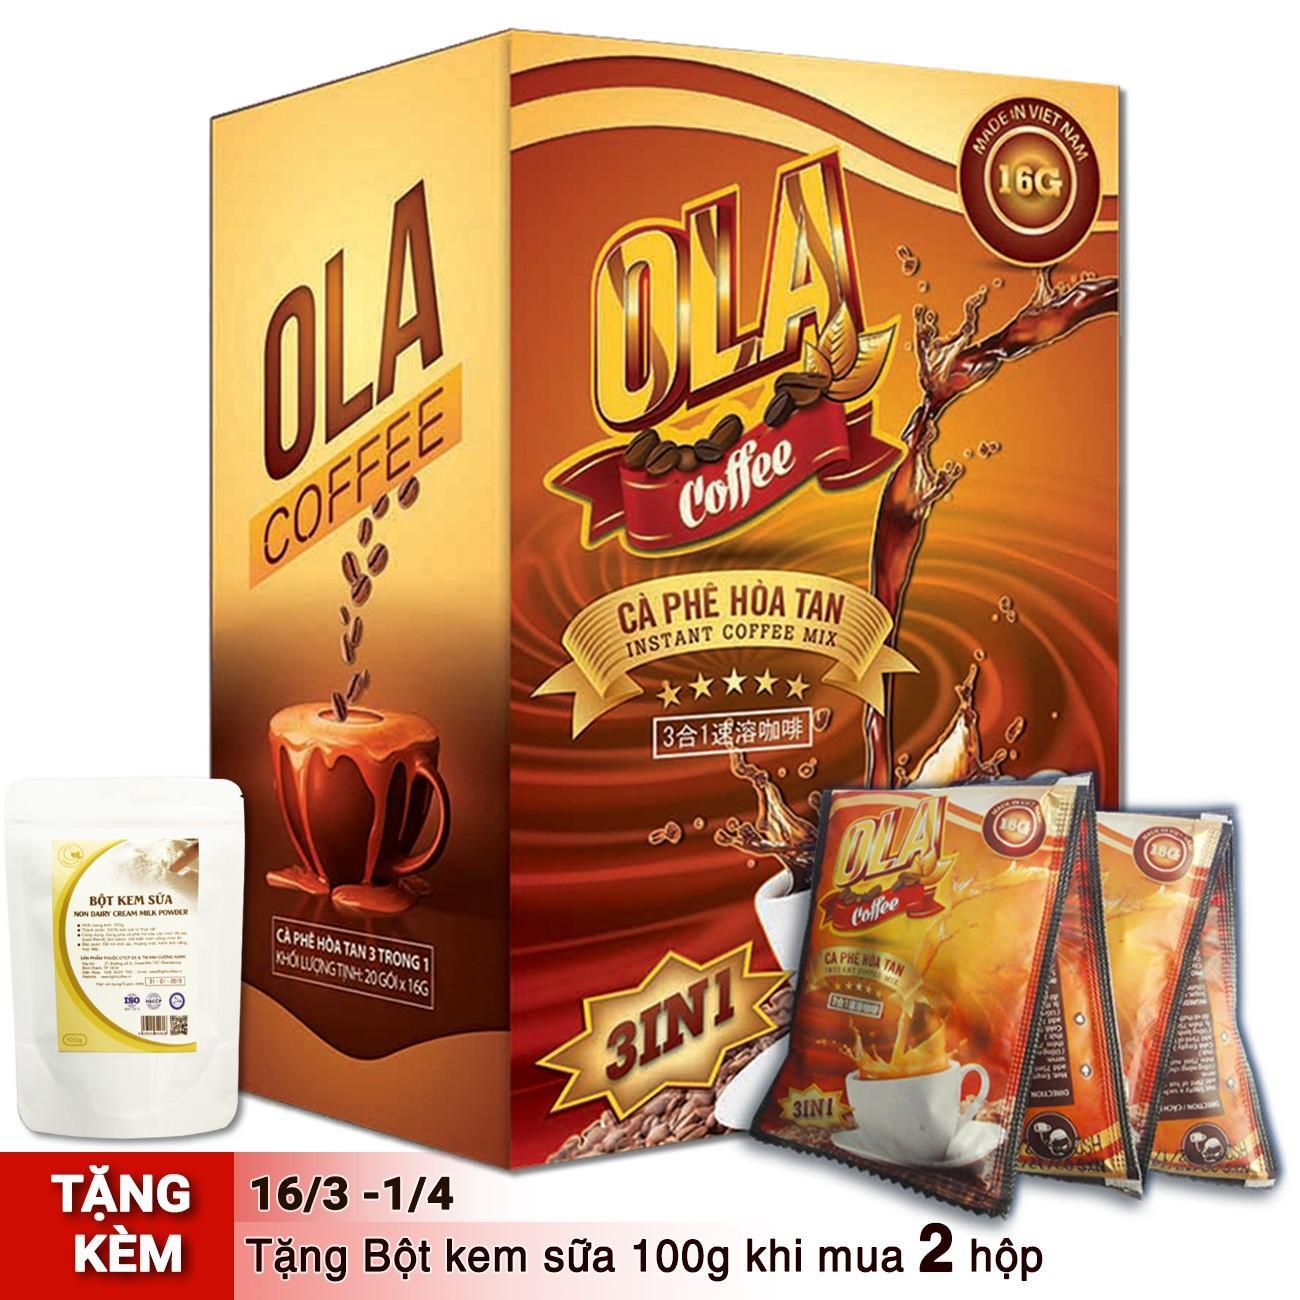 Giá Khuyến Mại Cà Phê Hòa Tan 3 In 1 Nguyên Chất 100% – Ola Coffee – Hộp 18 Gói